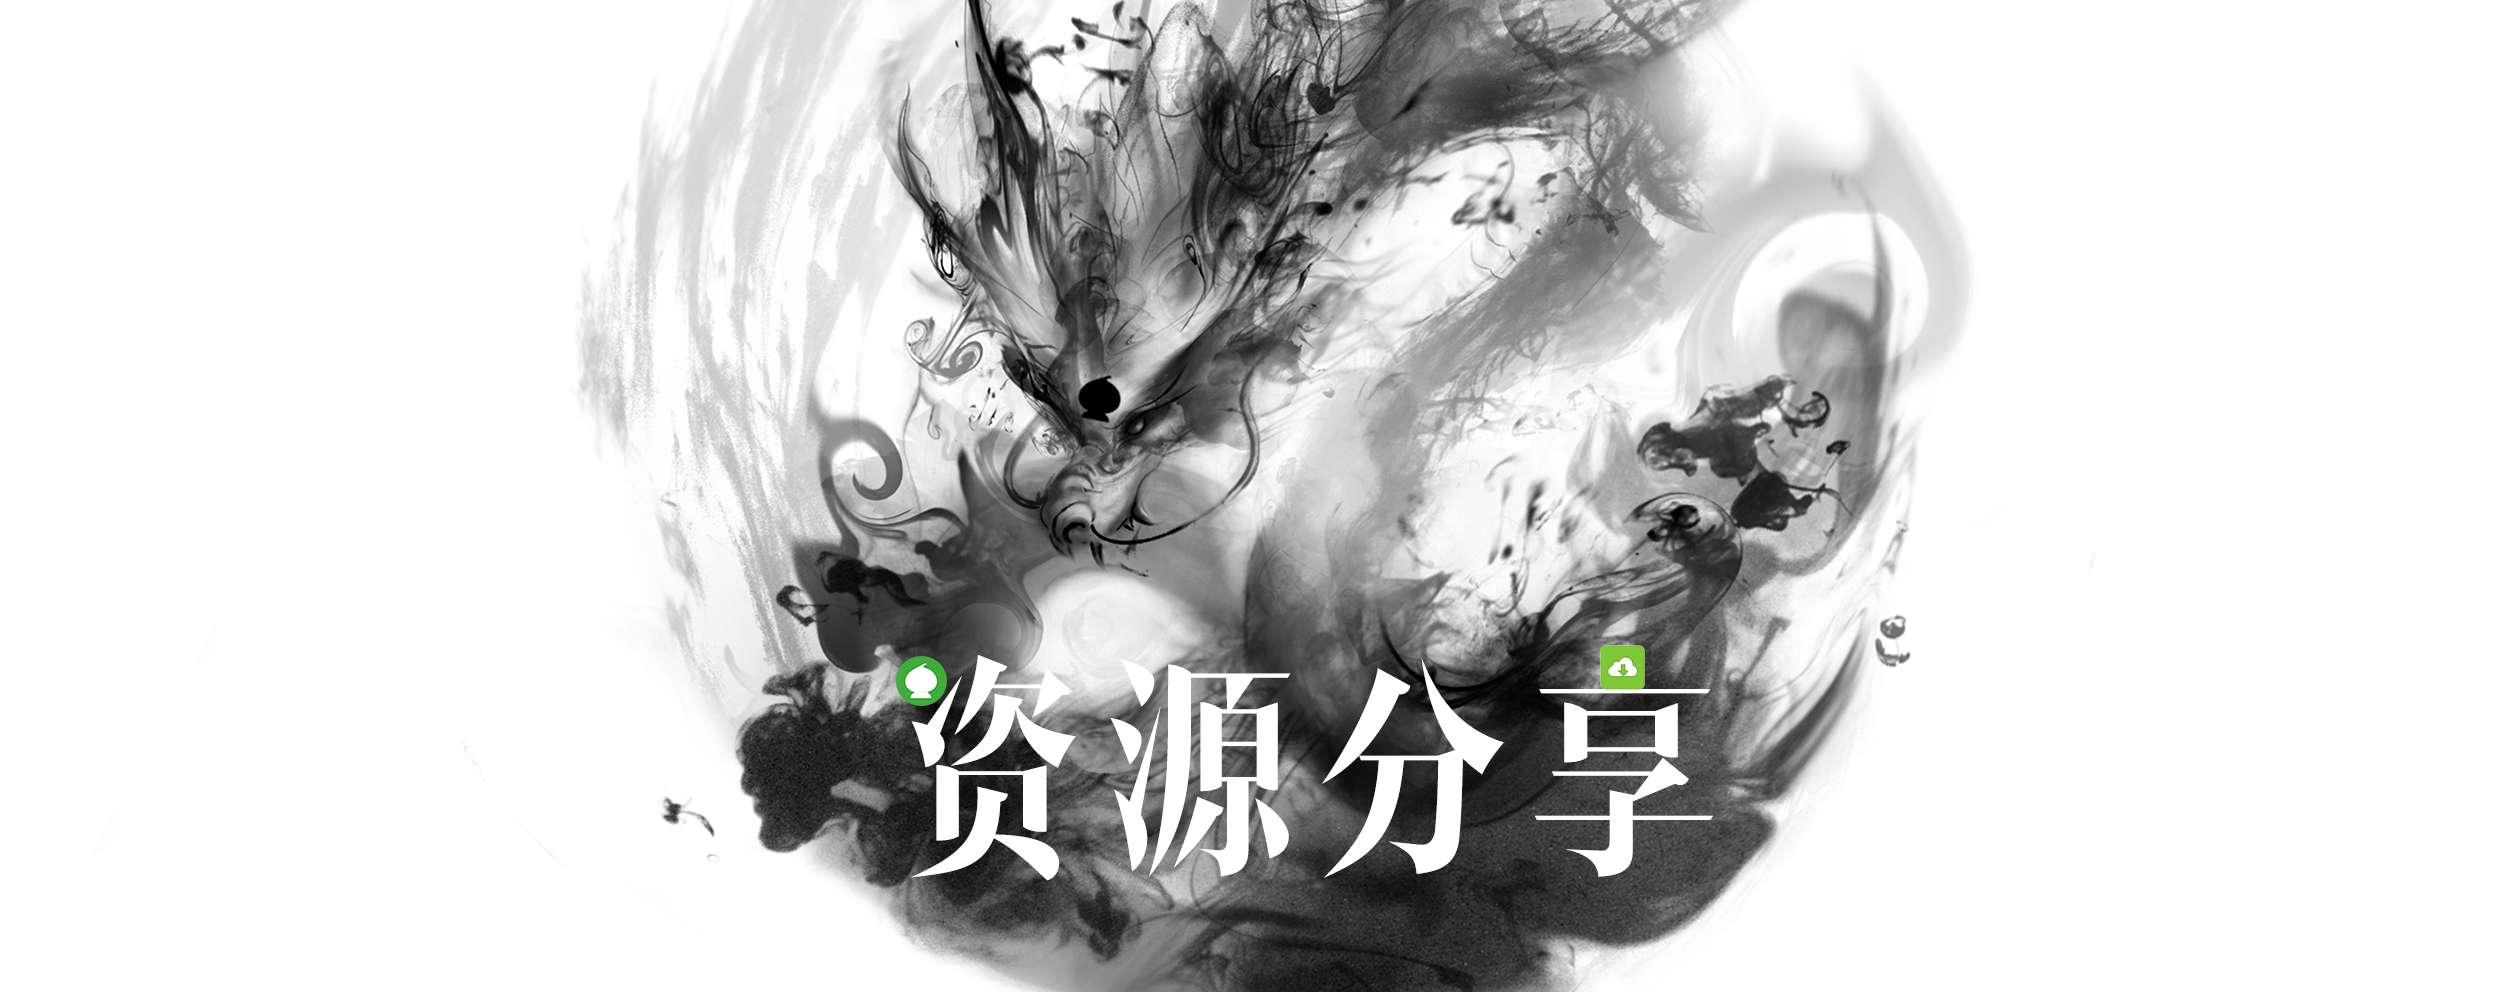 【分享】免费看全网所有小说v1.0-www.im86.com